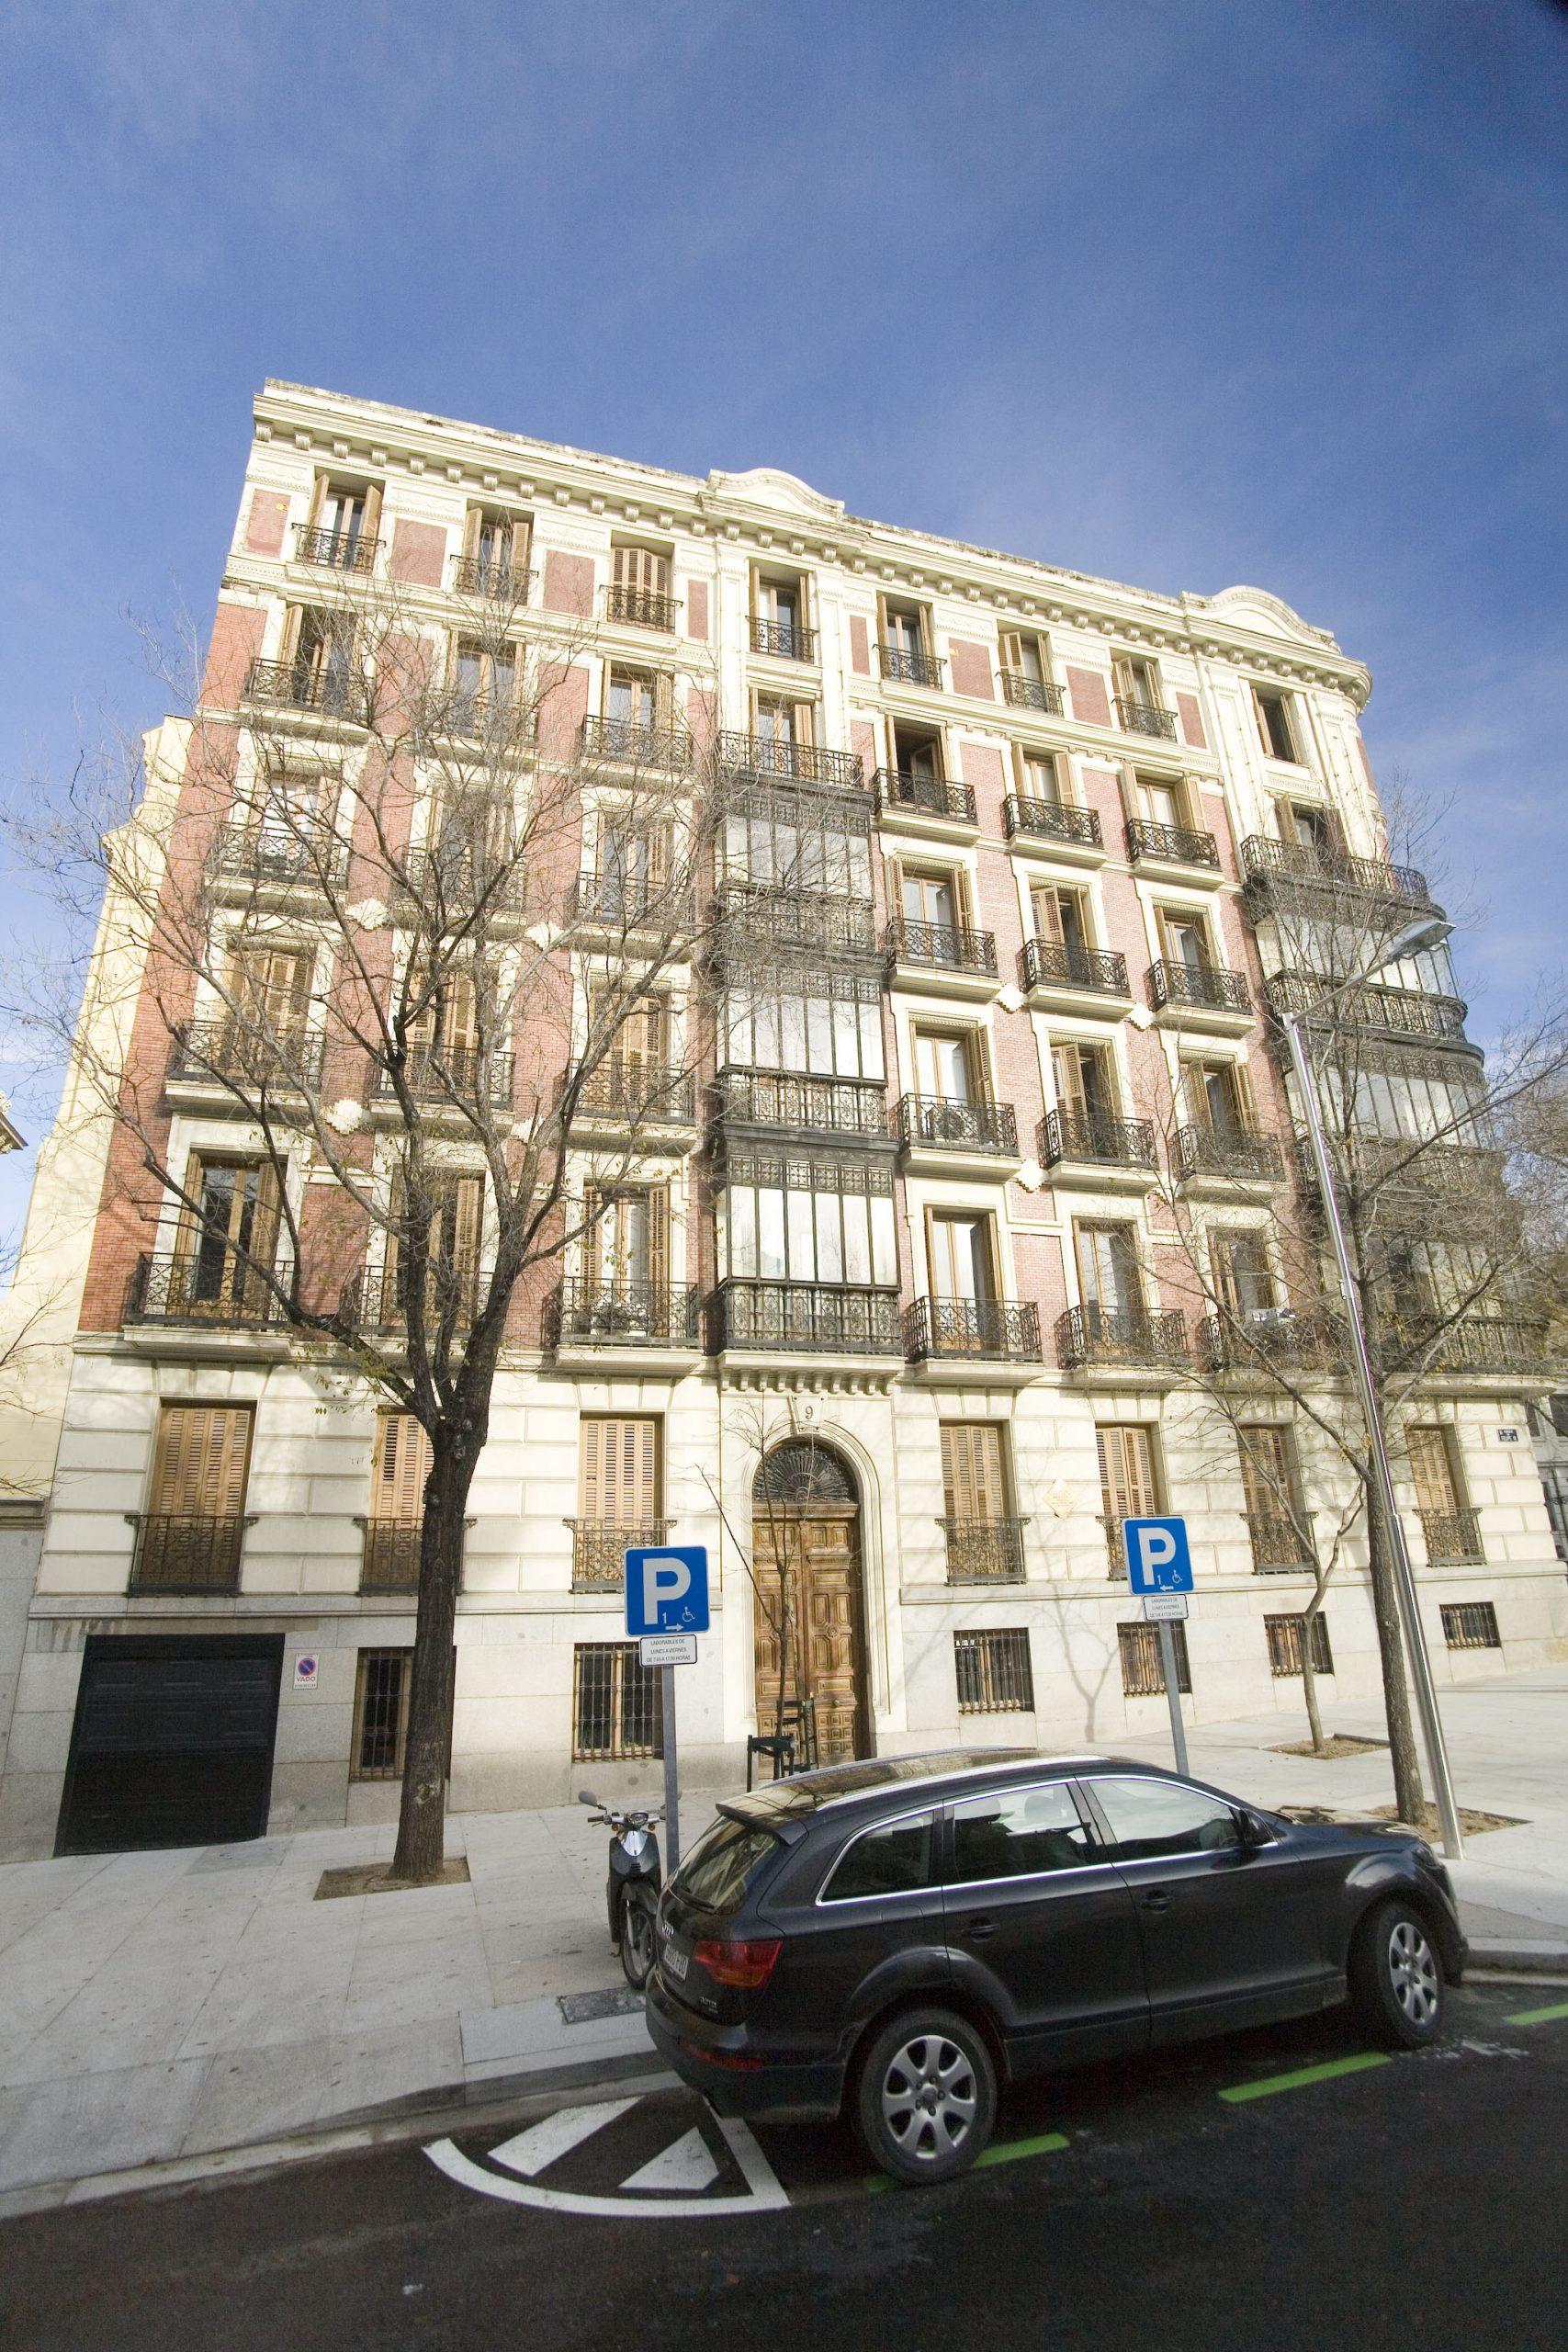 スペインの建物